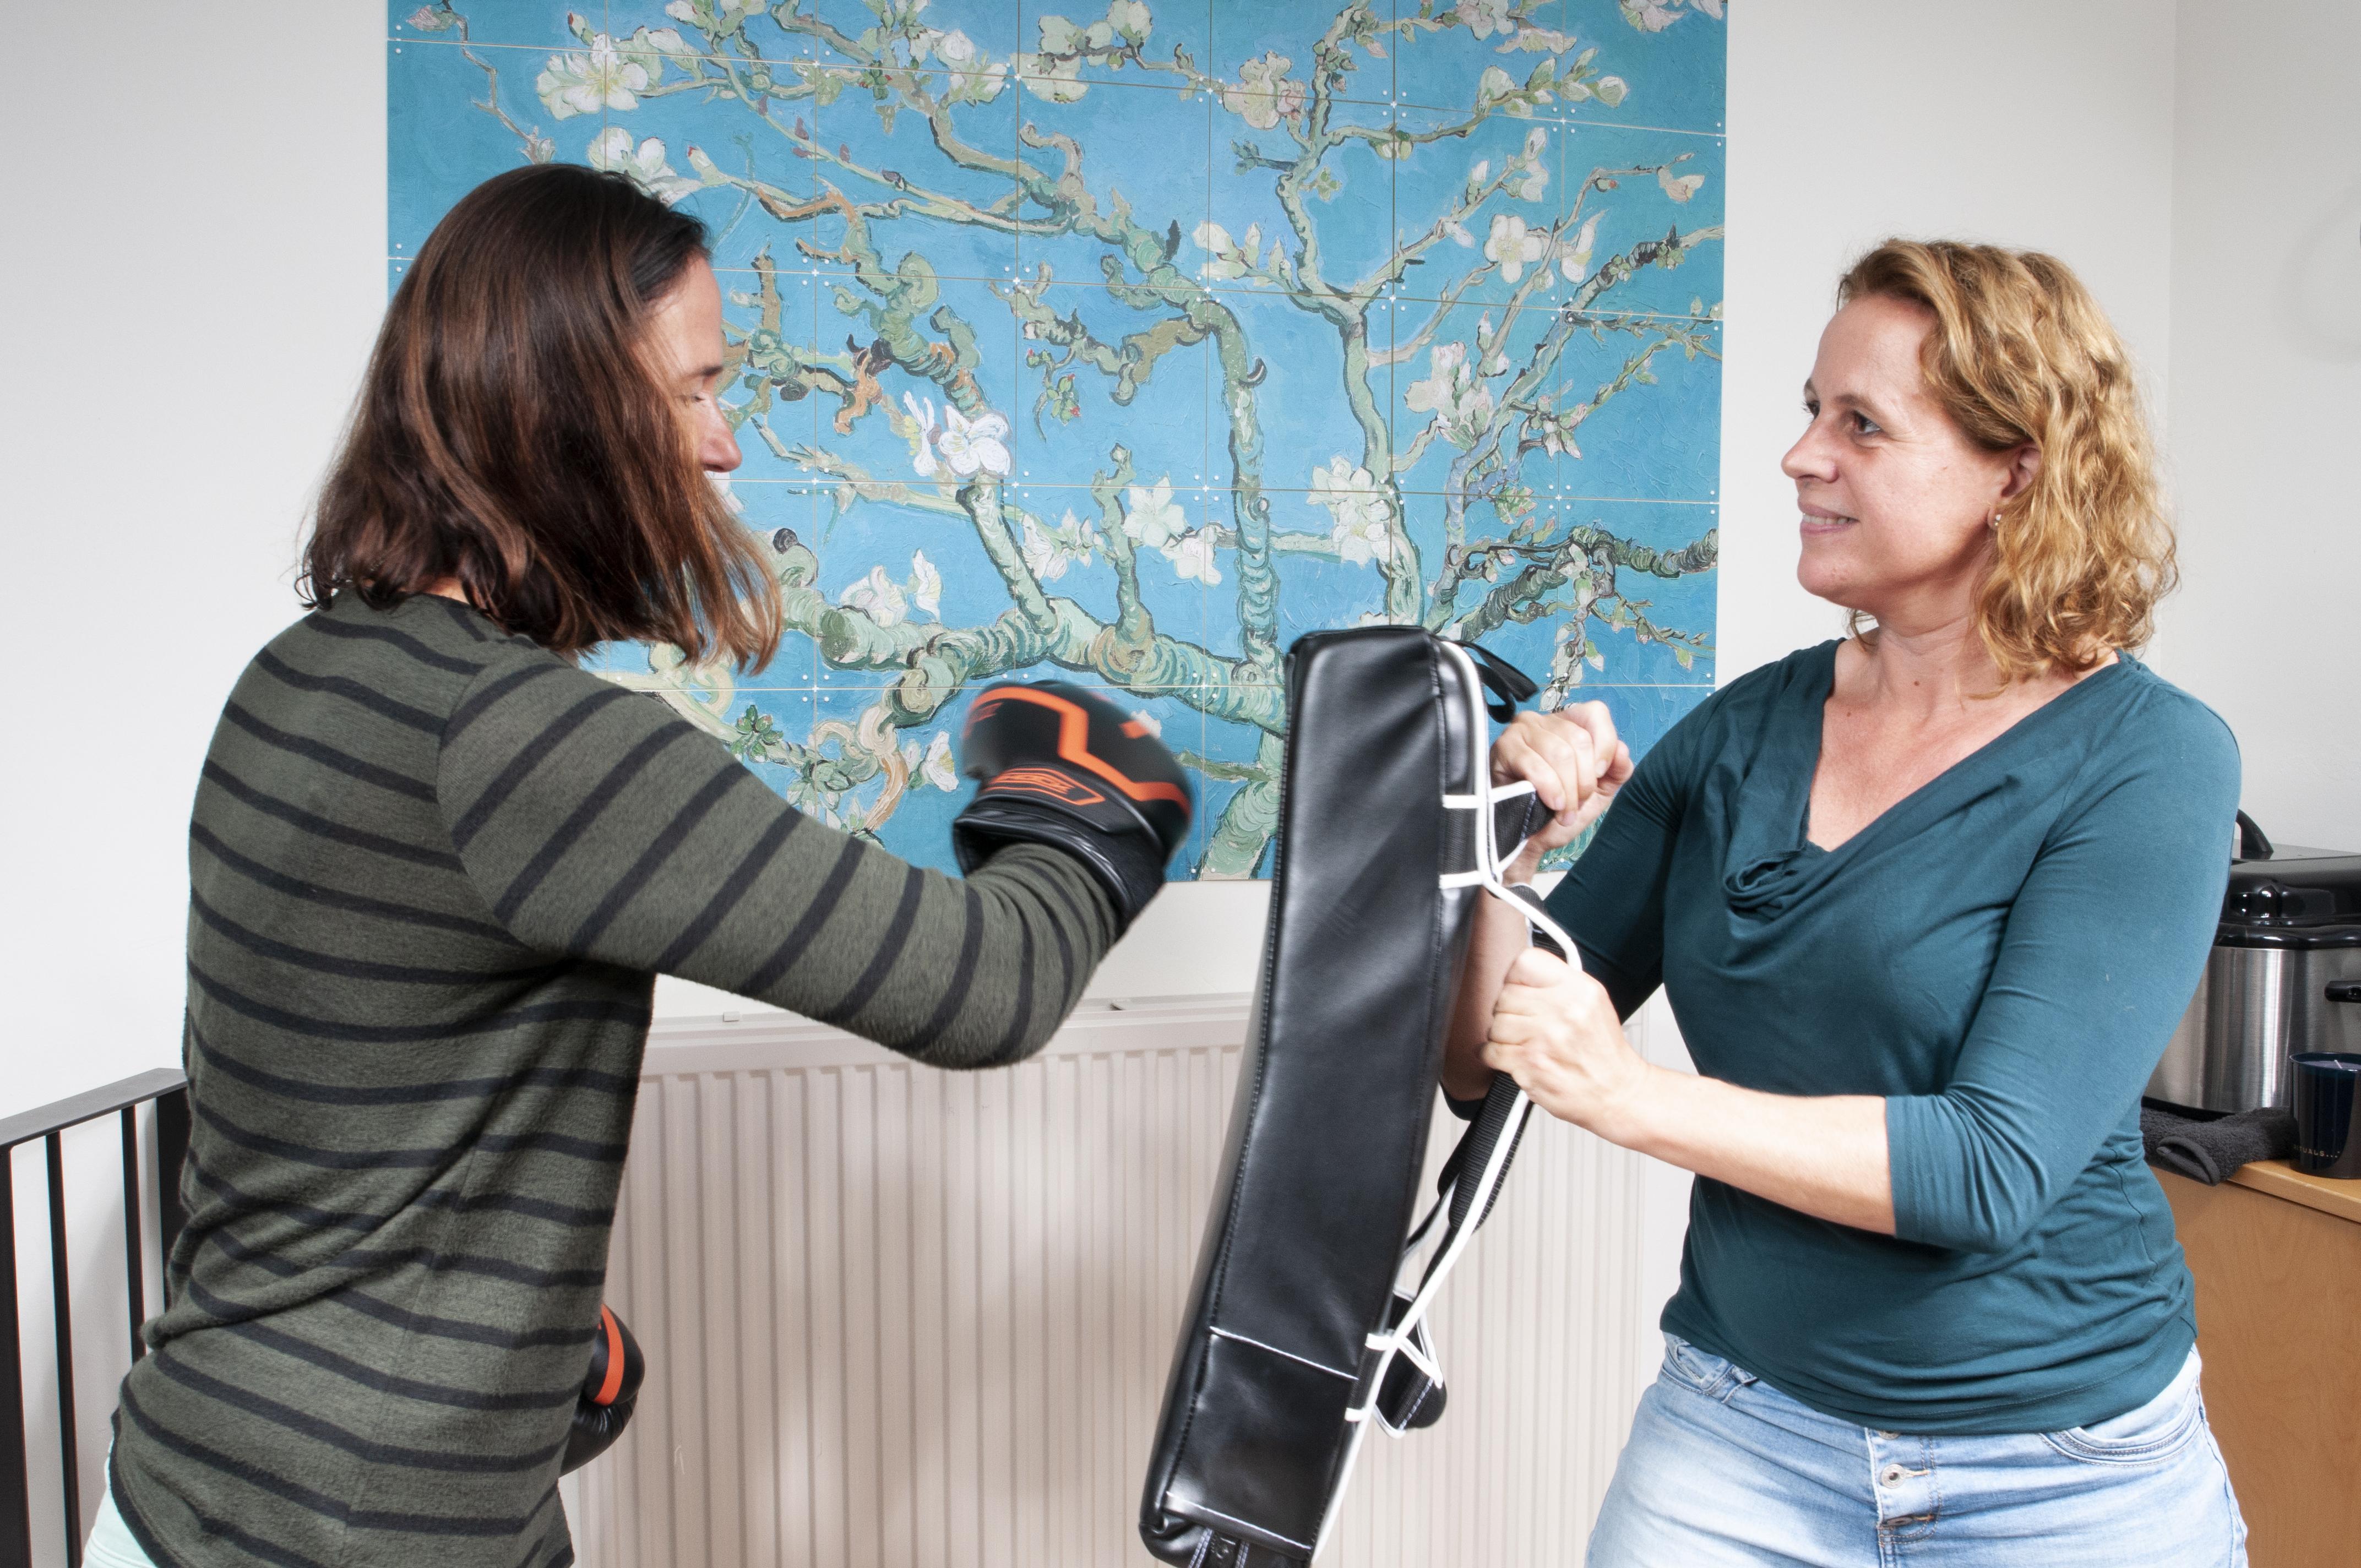 Haptotherapie - oefening met boxen - voor jezelf opkomen